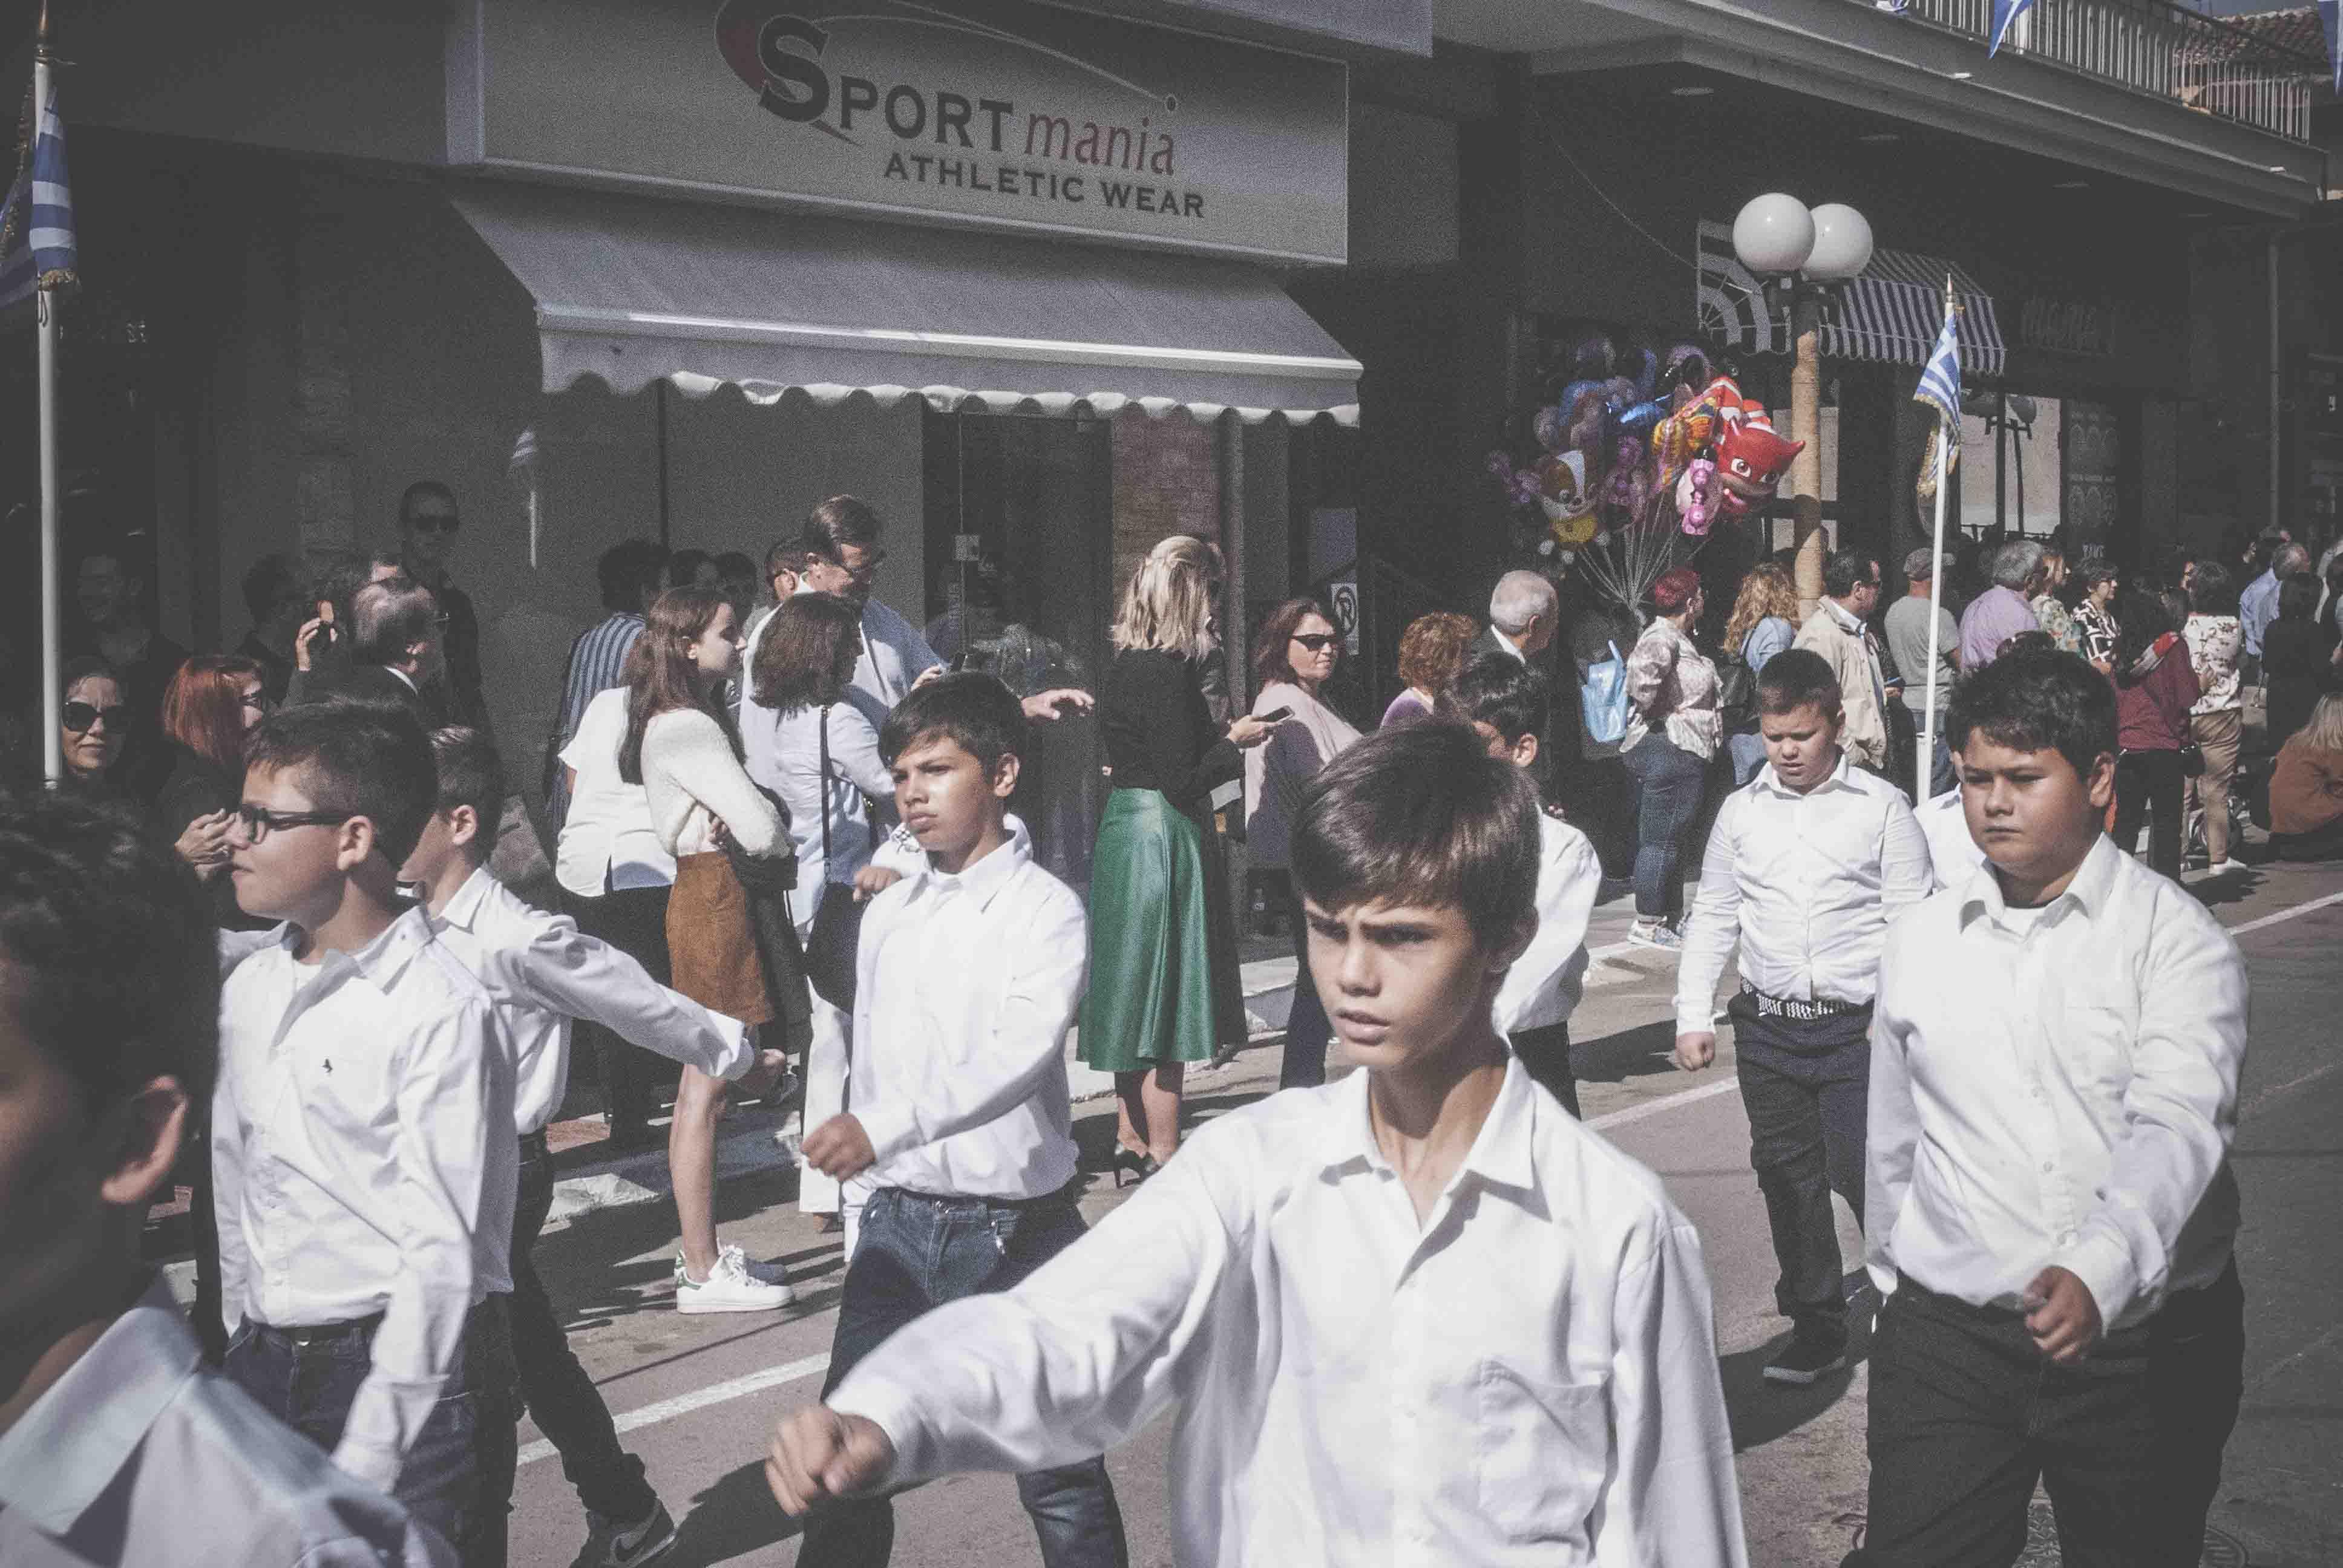 Φωτογραφικό υλικό από την παρέλαση στα Ψαχνά DSC 0404  Η παρέλαση της 28ης Οκτωβρίου σε Καστέλλα και Ψαχνά (φωτό) DSC 0404